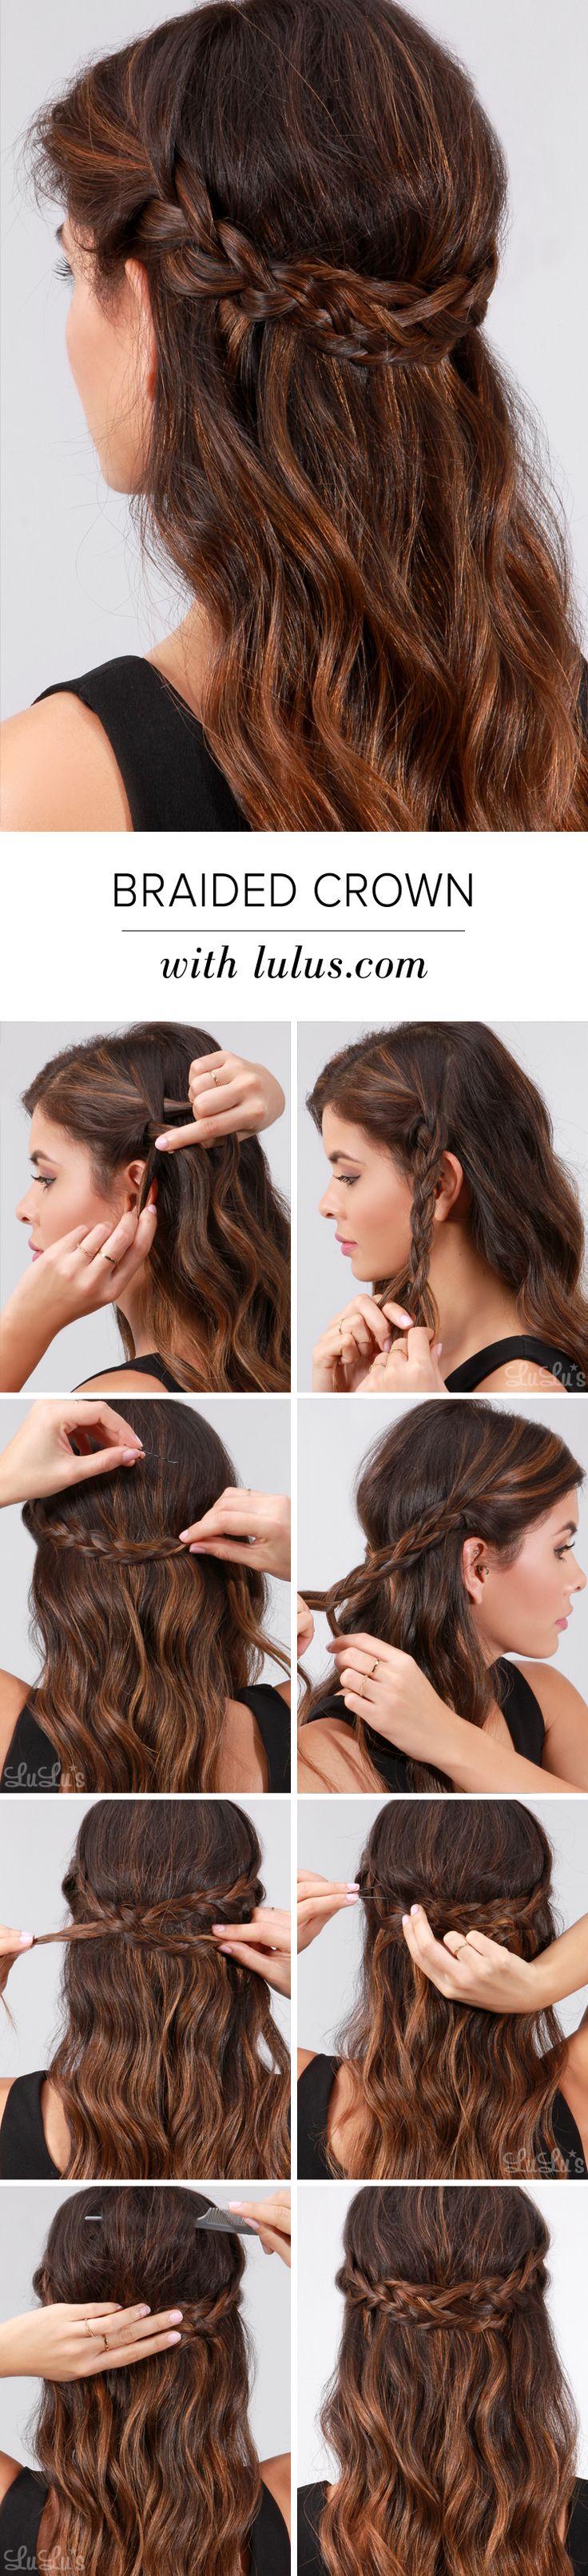 102 best short hair images on Pinterest